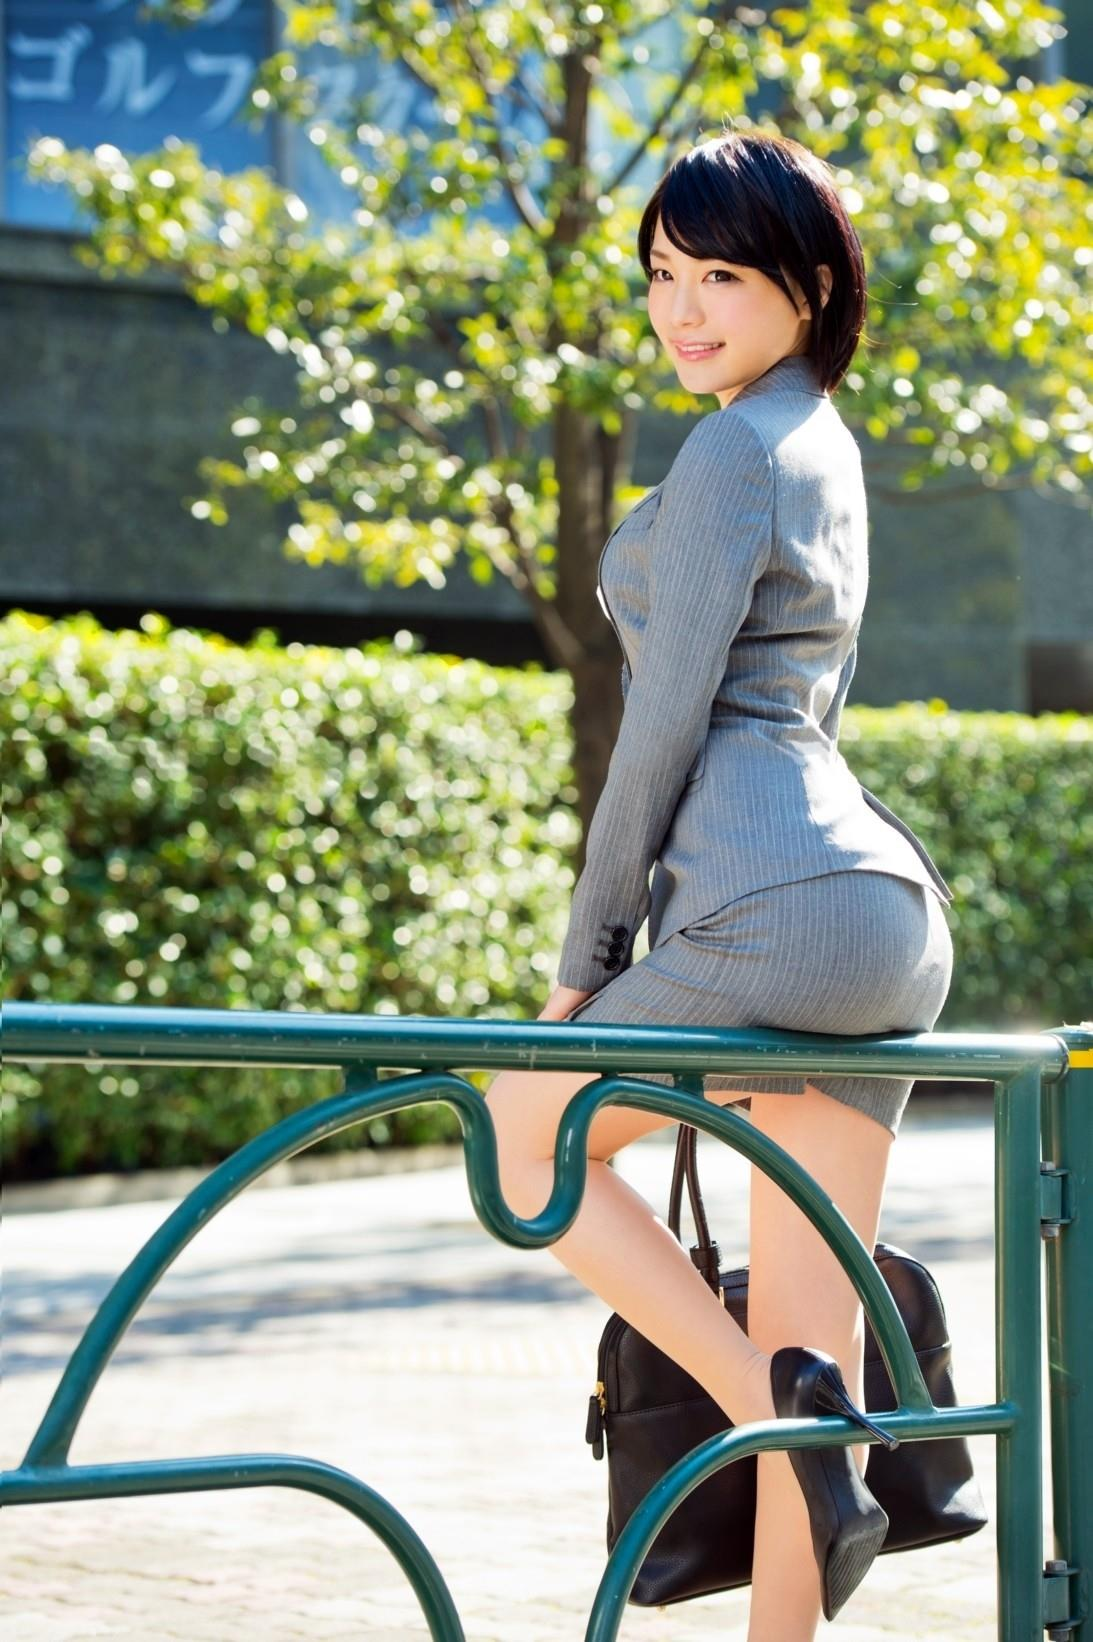 https://img.erogazou-pinkline.com/wp-content/uploads/2015/10/suzumura_airi_428_031.jpg